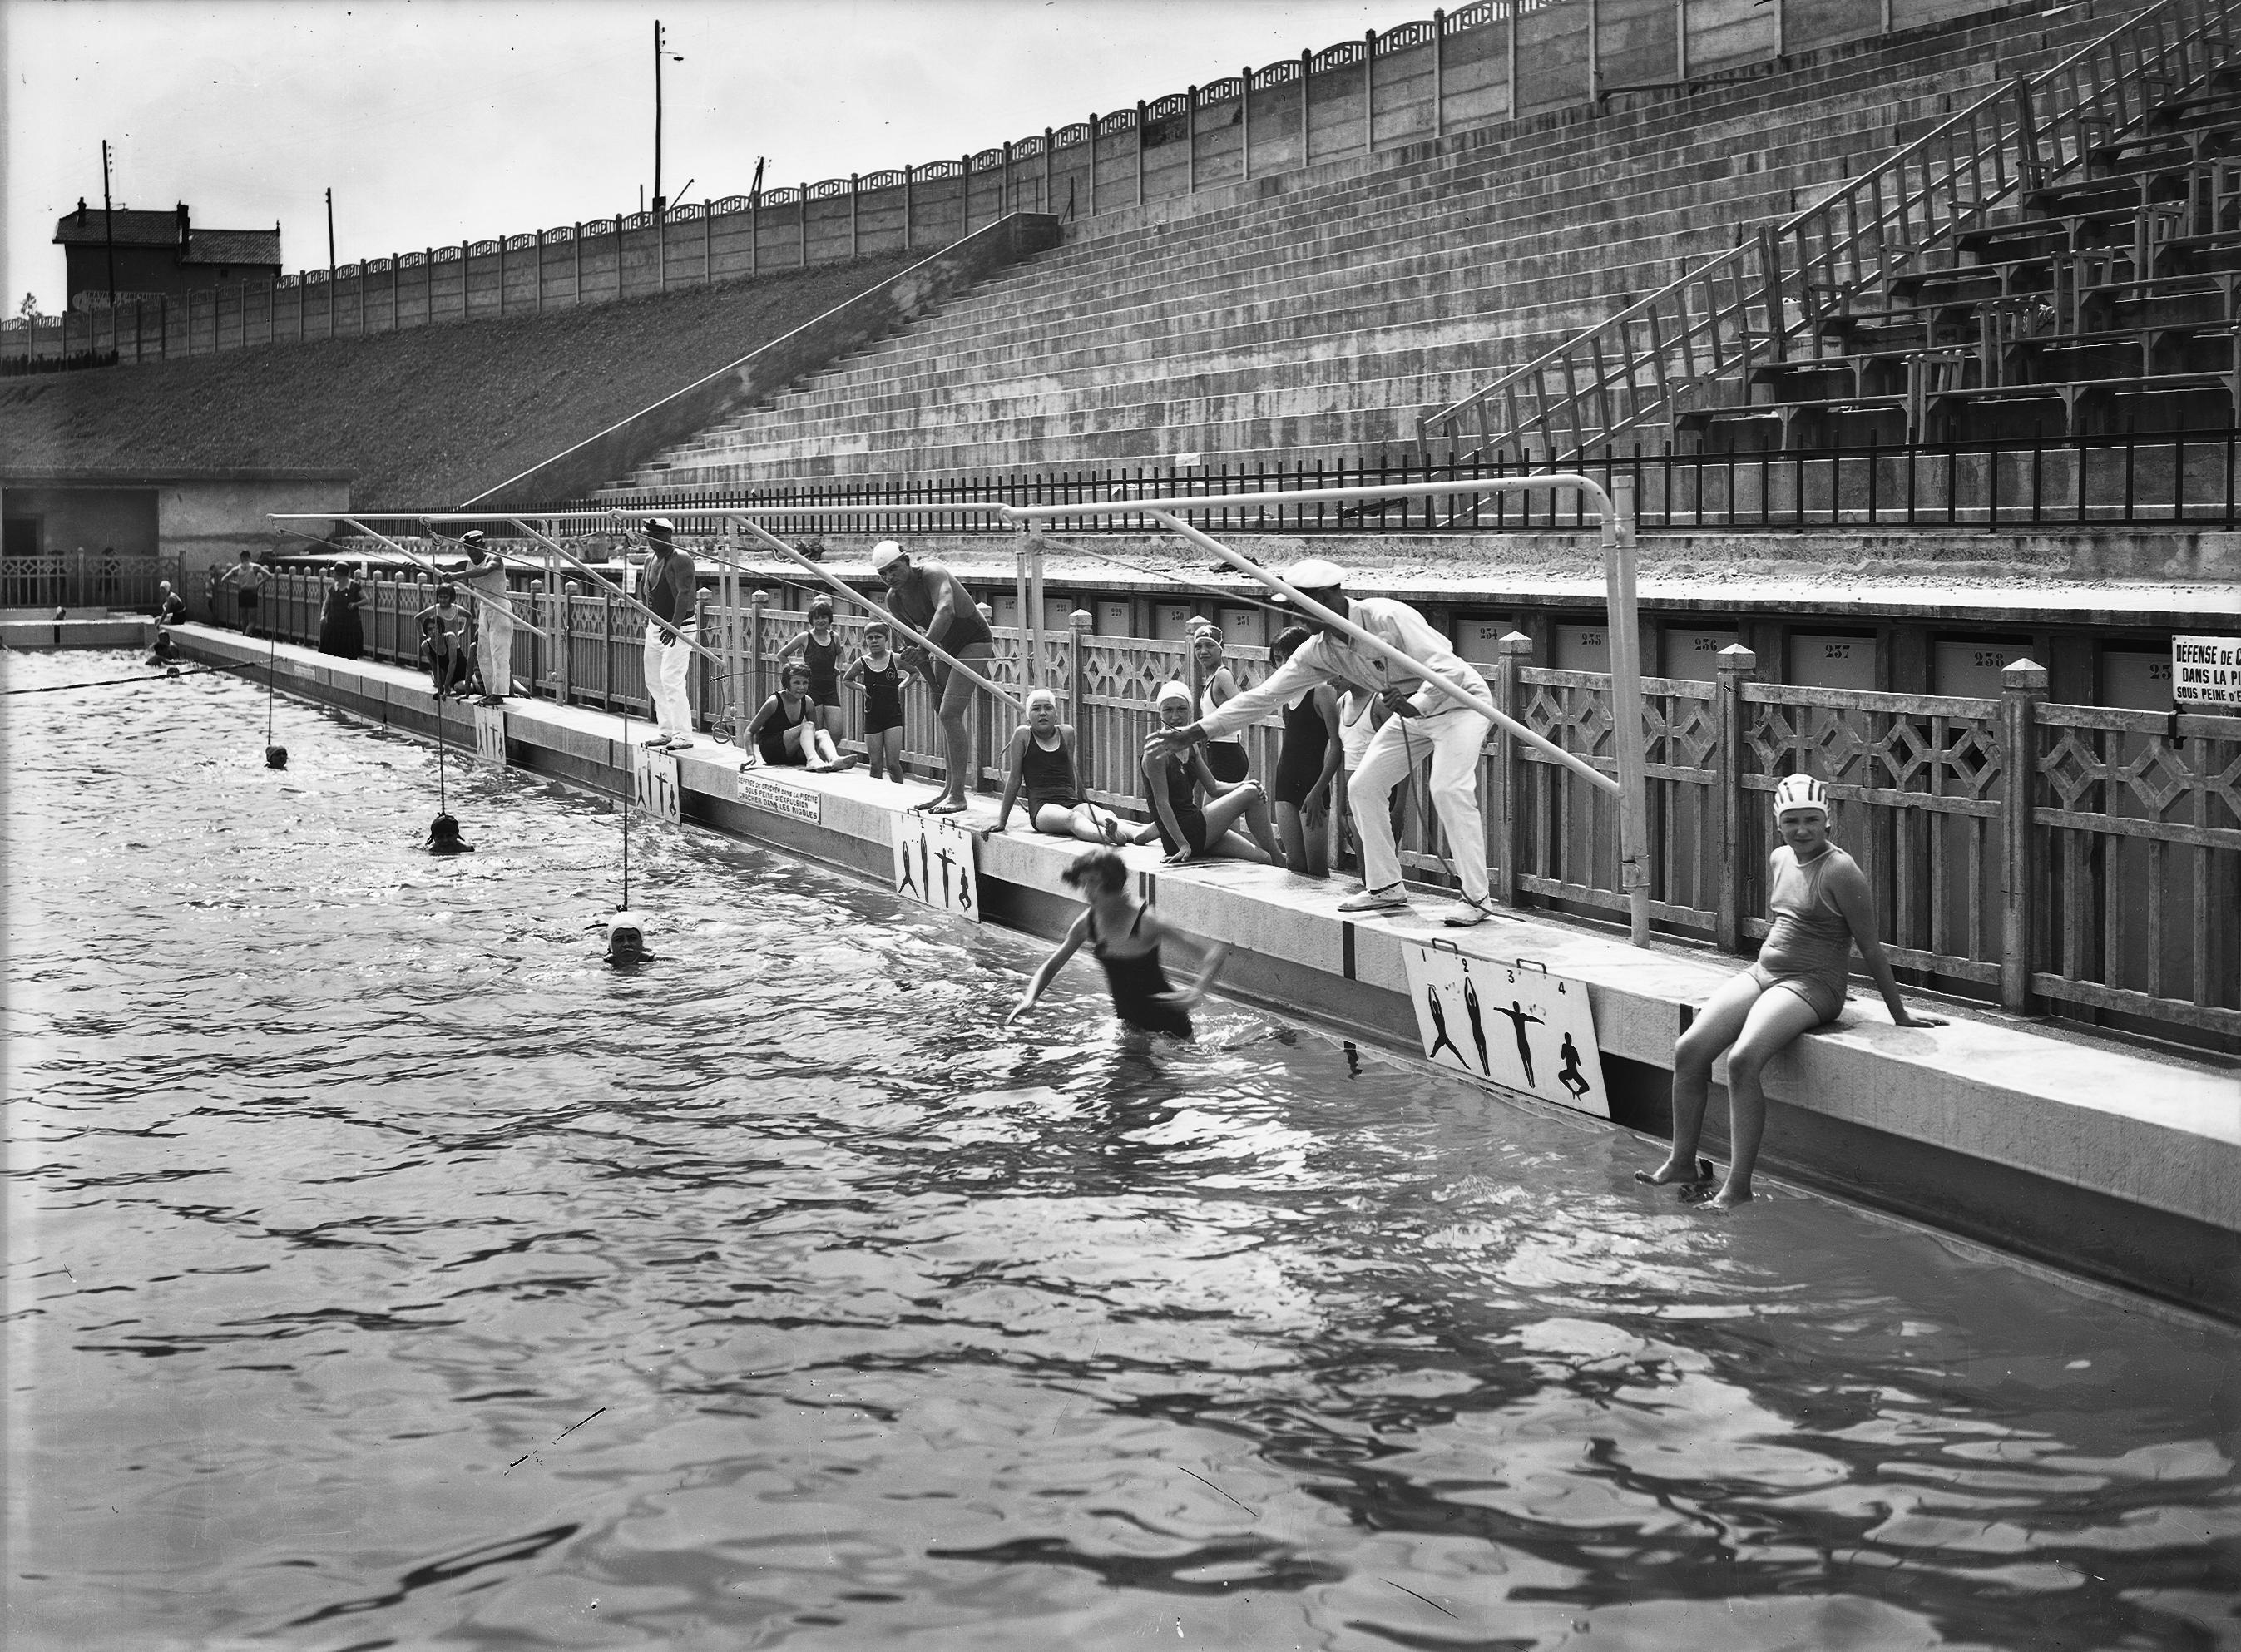 Photographes en rh ne alpes la piscine d 39 t de cusset villeurbanne le ons de natation - Piscine municipale cabourg lyon ...